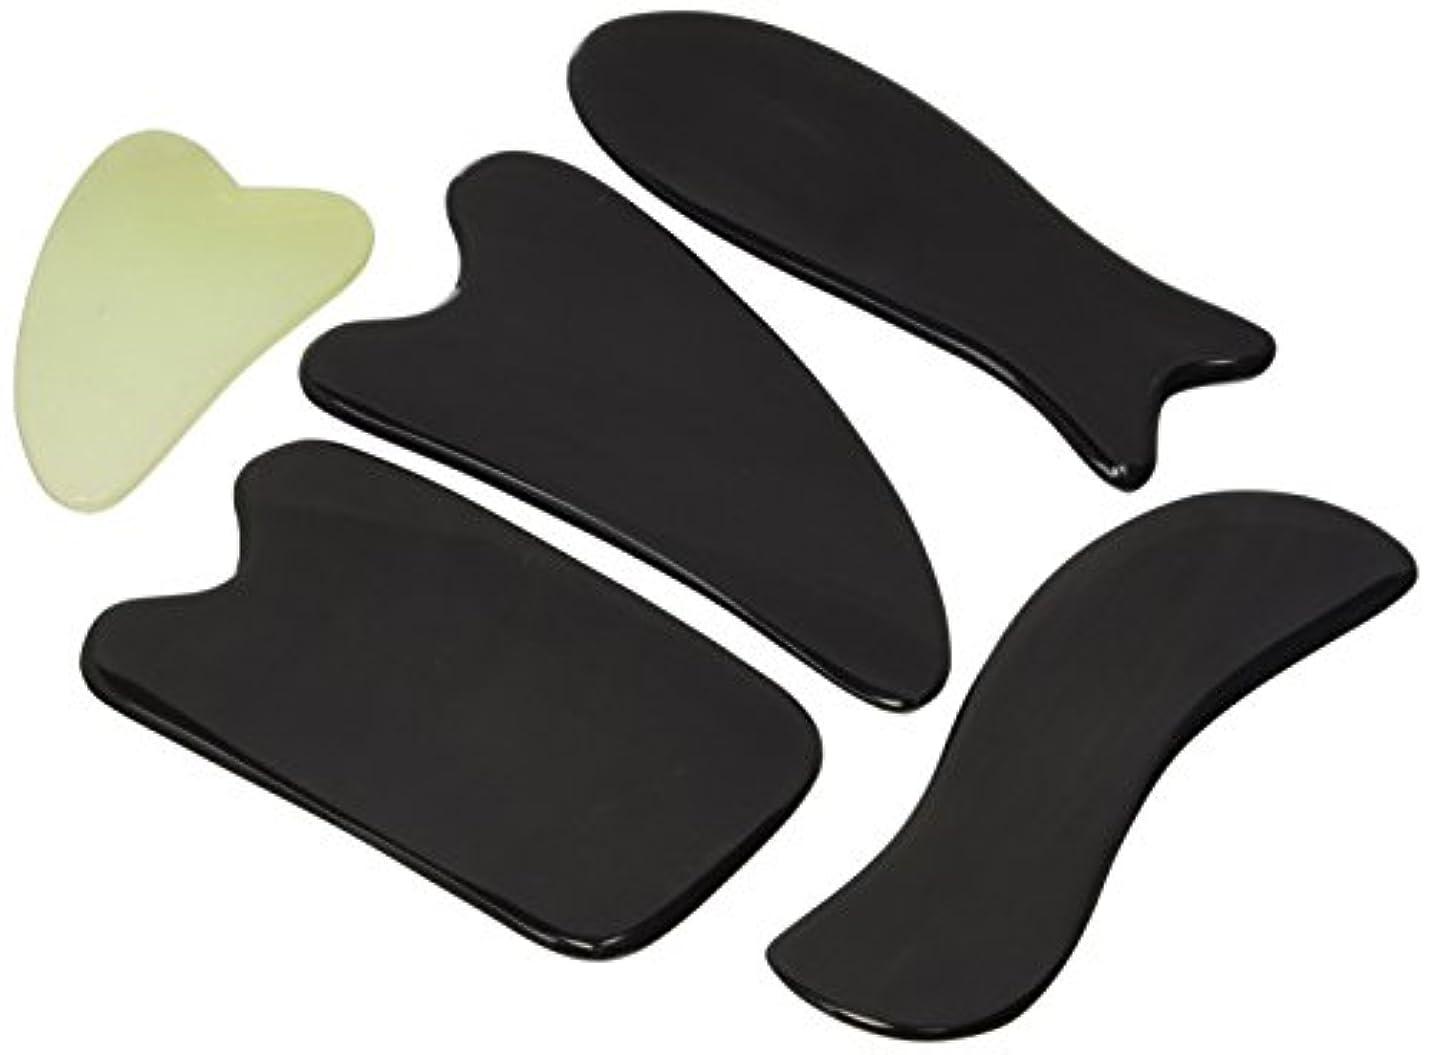 適度に意義非常にGua Sha Massage Tools By One Planet With Small Massage Gift - Ultra Smooth Edge for Scraping, 100% Handmade, Hand...